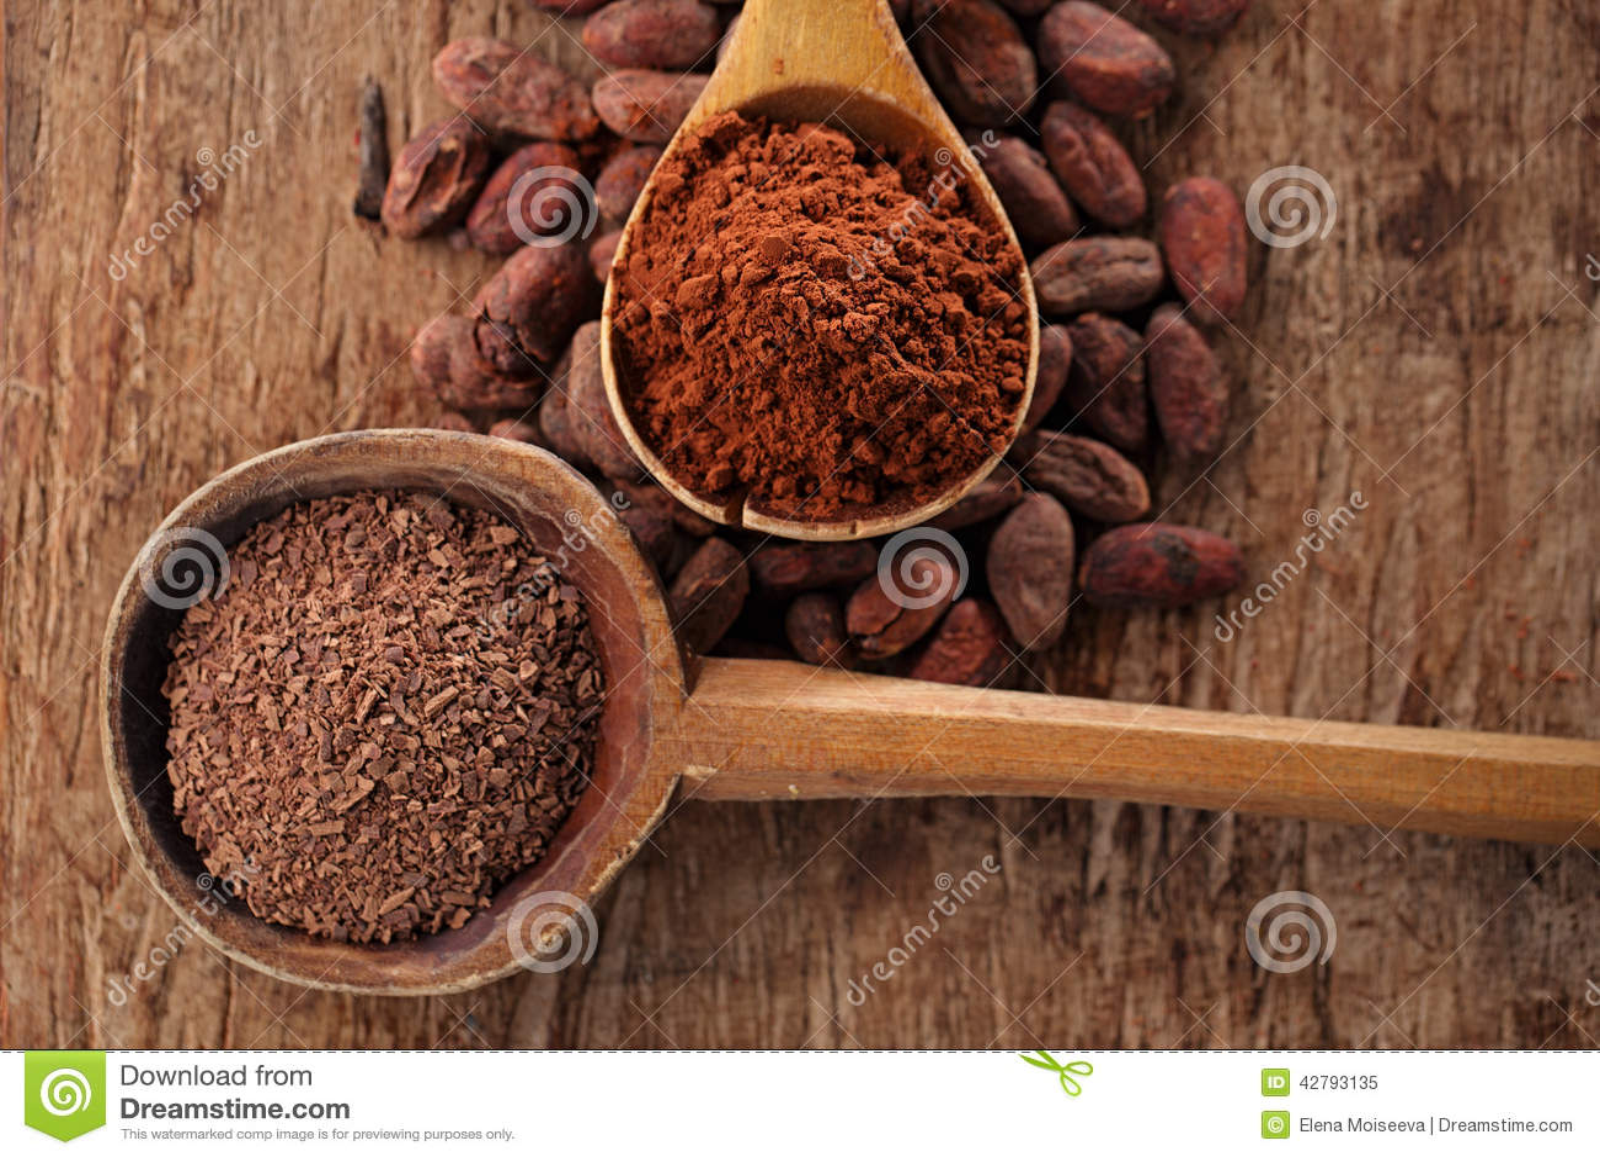 Zerriebene dunkle Schokolade im alten hölzernen Löffel auf gebratenem Kakao choco